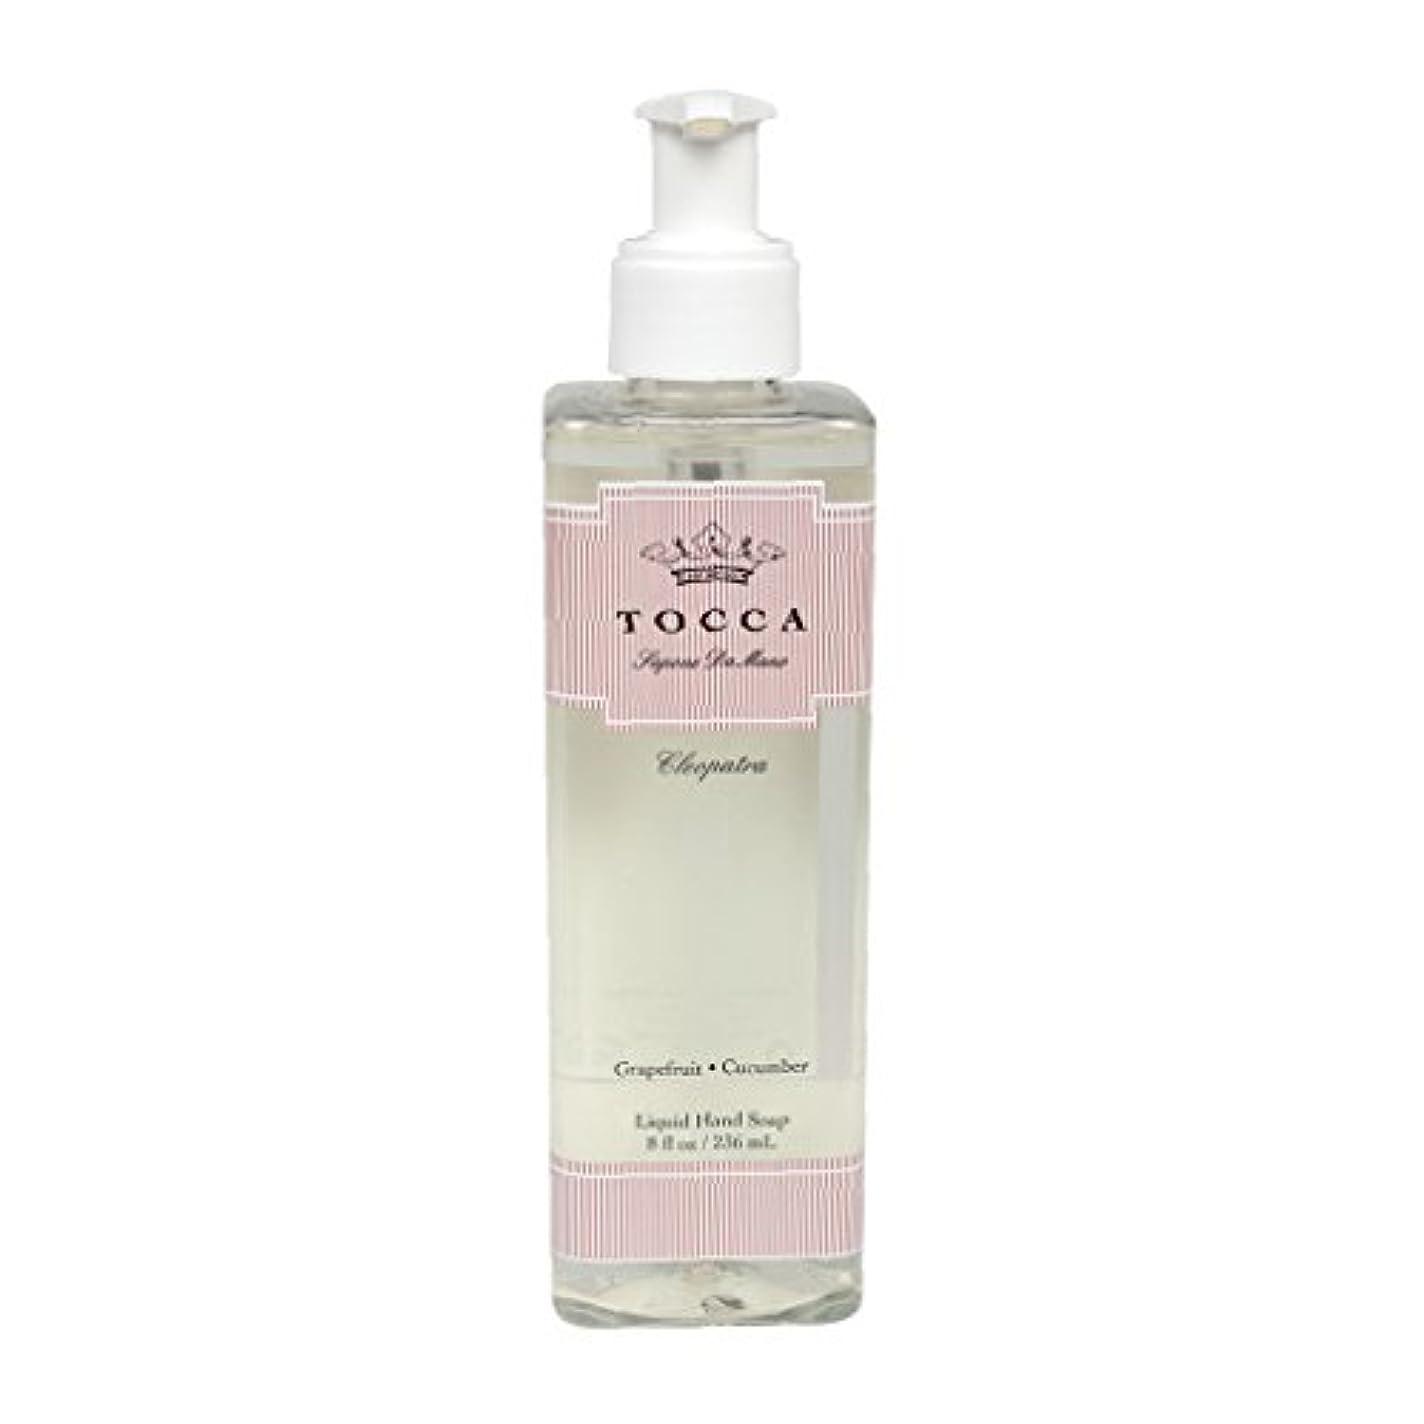 刺激するカラスバッフルトッカ(TOCCA) ハンドソープ クレオパトラの香り 236ml(手洗用 ポンプタイプ グレープフルーツとキューカンバーのフレッシュでクリーンな香り)